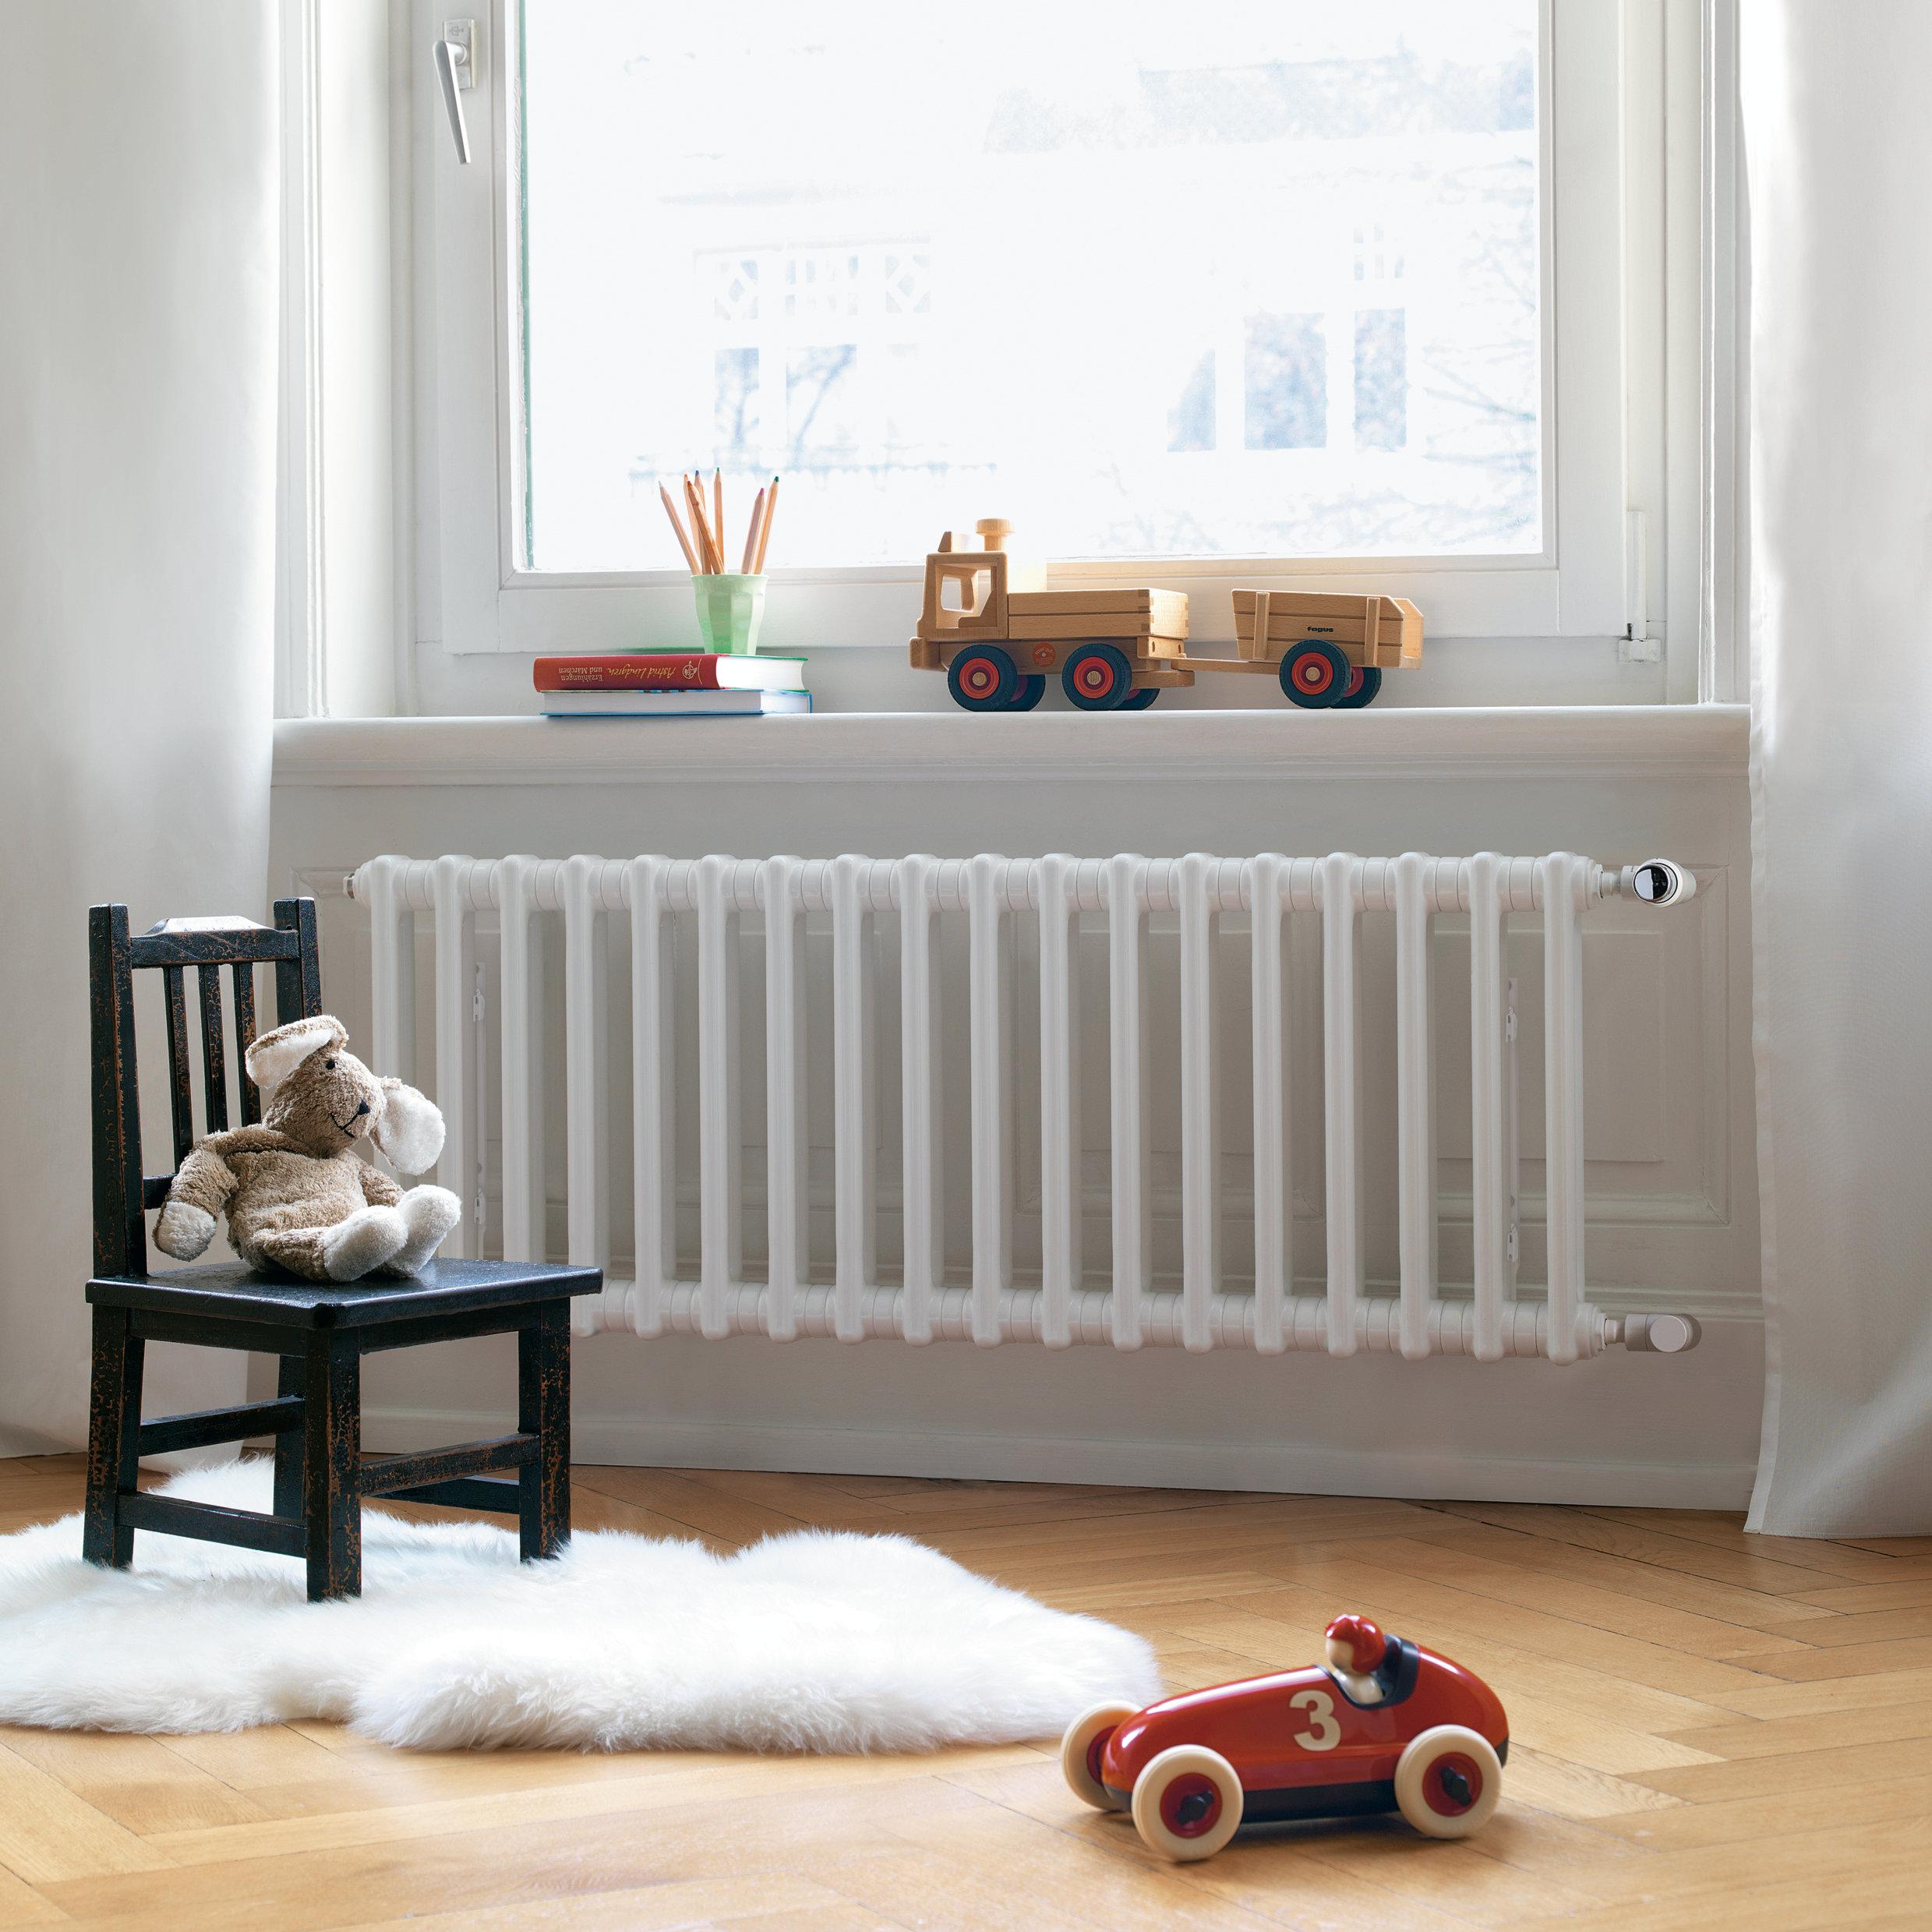 Szobai radiátorok hagyományos és elektromos változatban